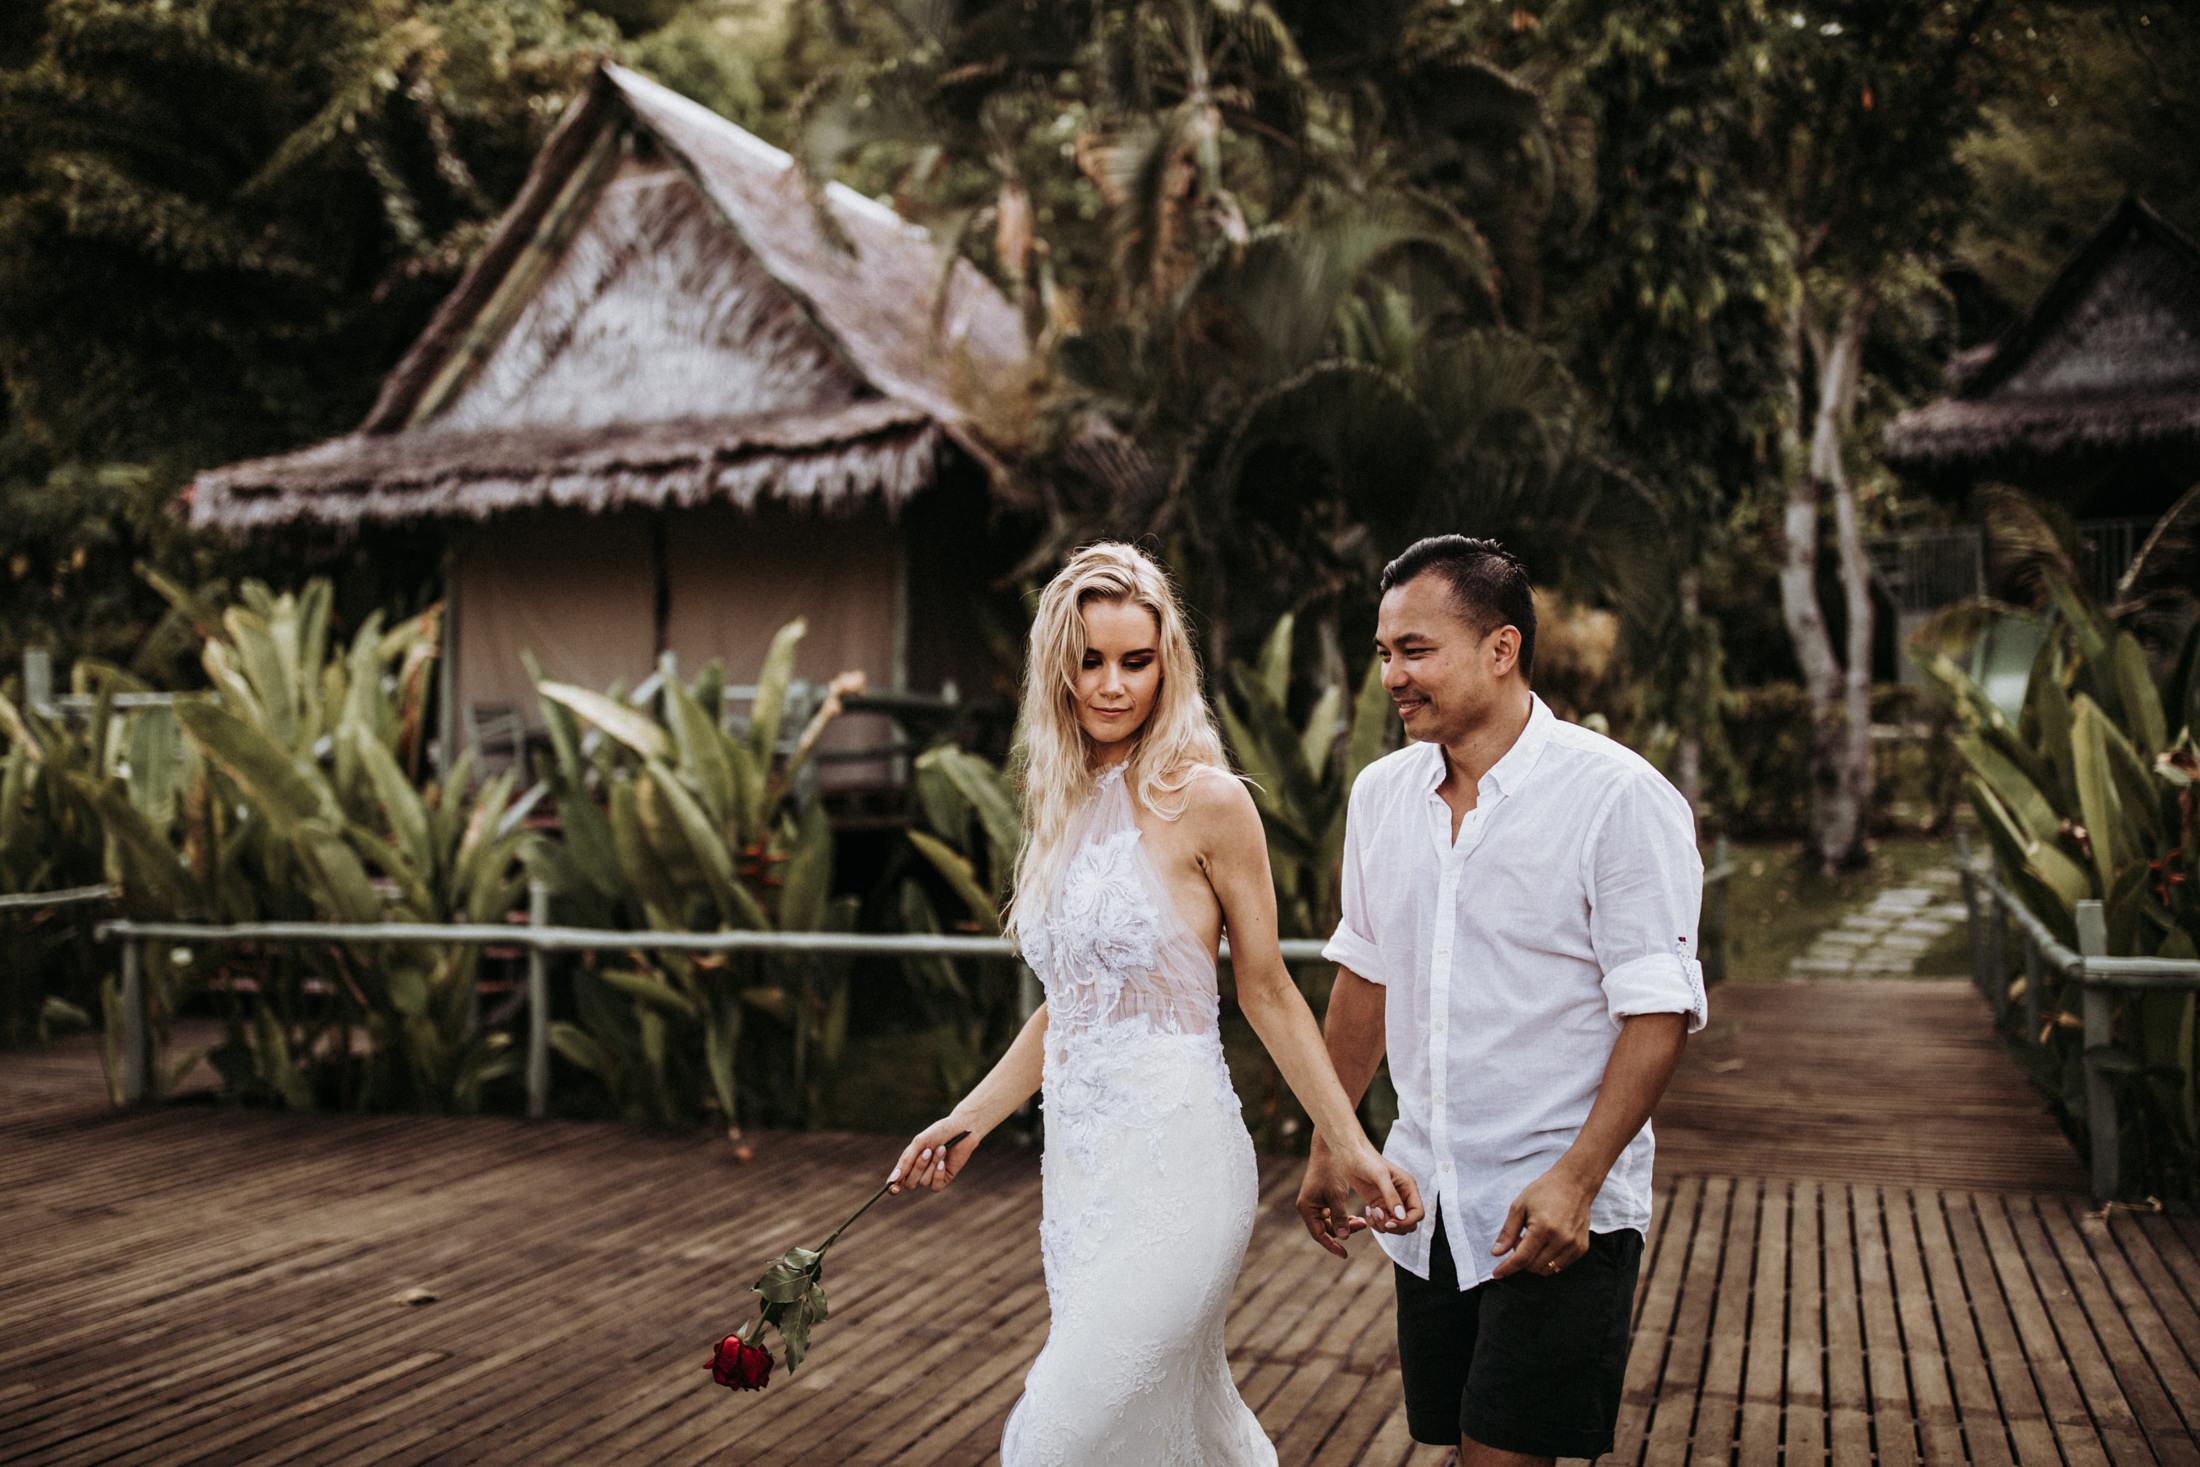 DanielaMarquardt_Wedding_Thailand_496